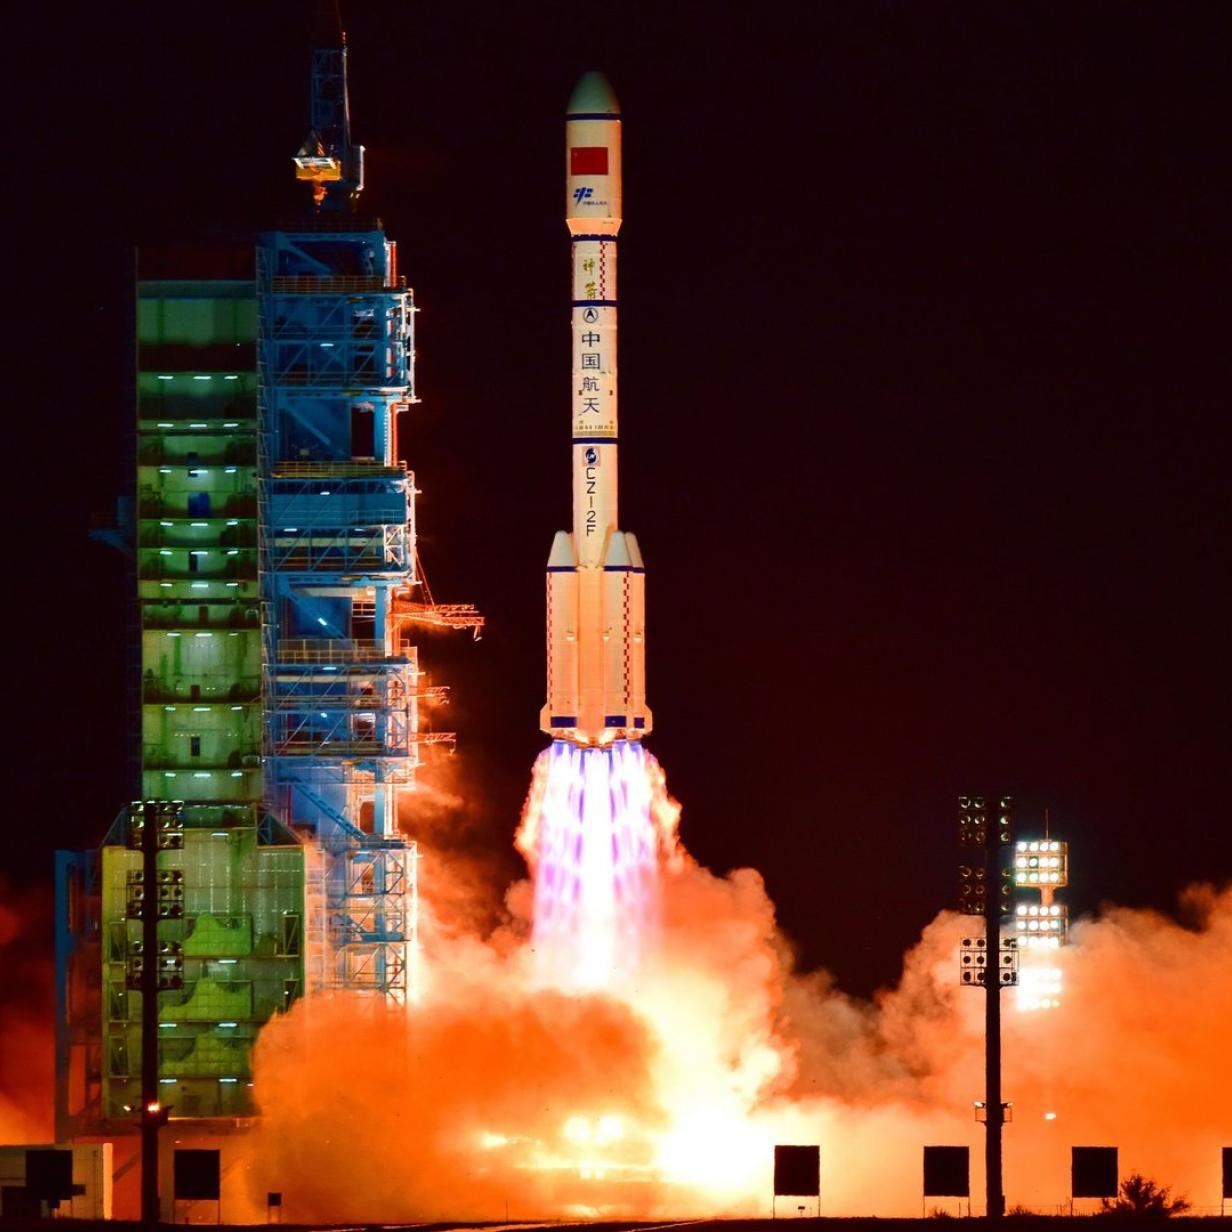 China will bis 2040 nuklearbetriebenes Spaceshuttle bauen